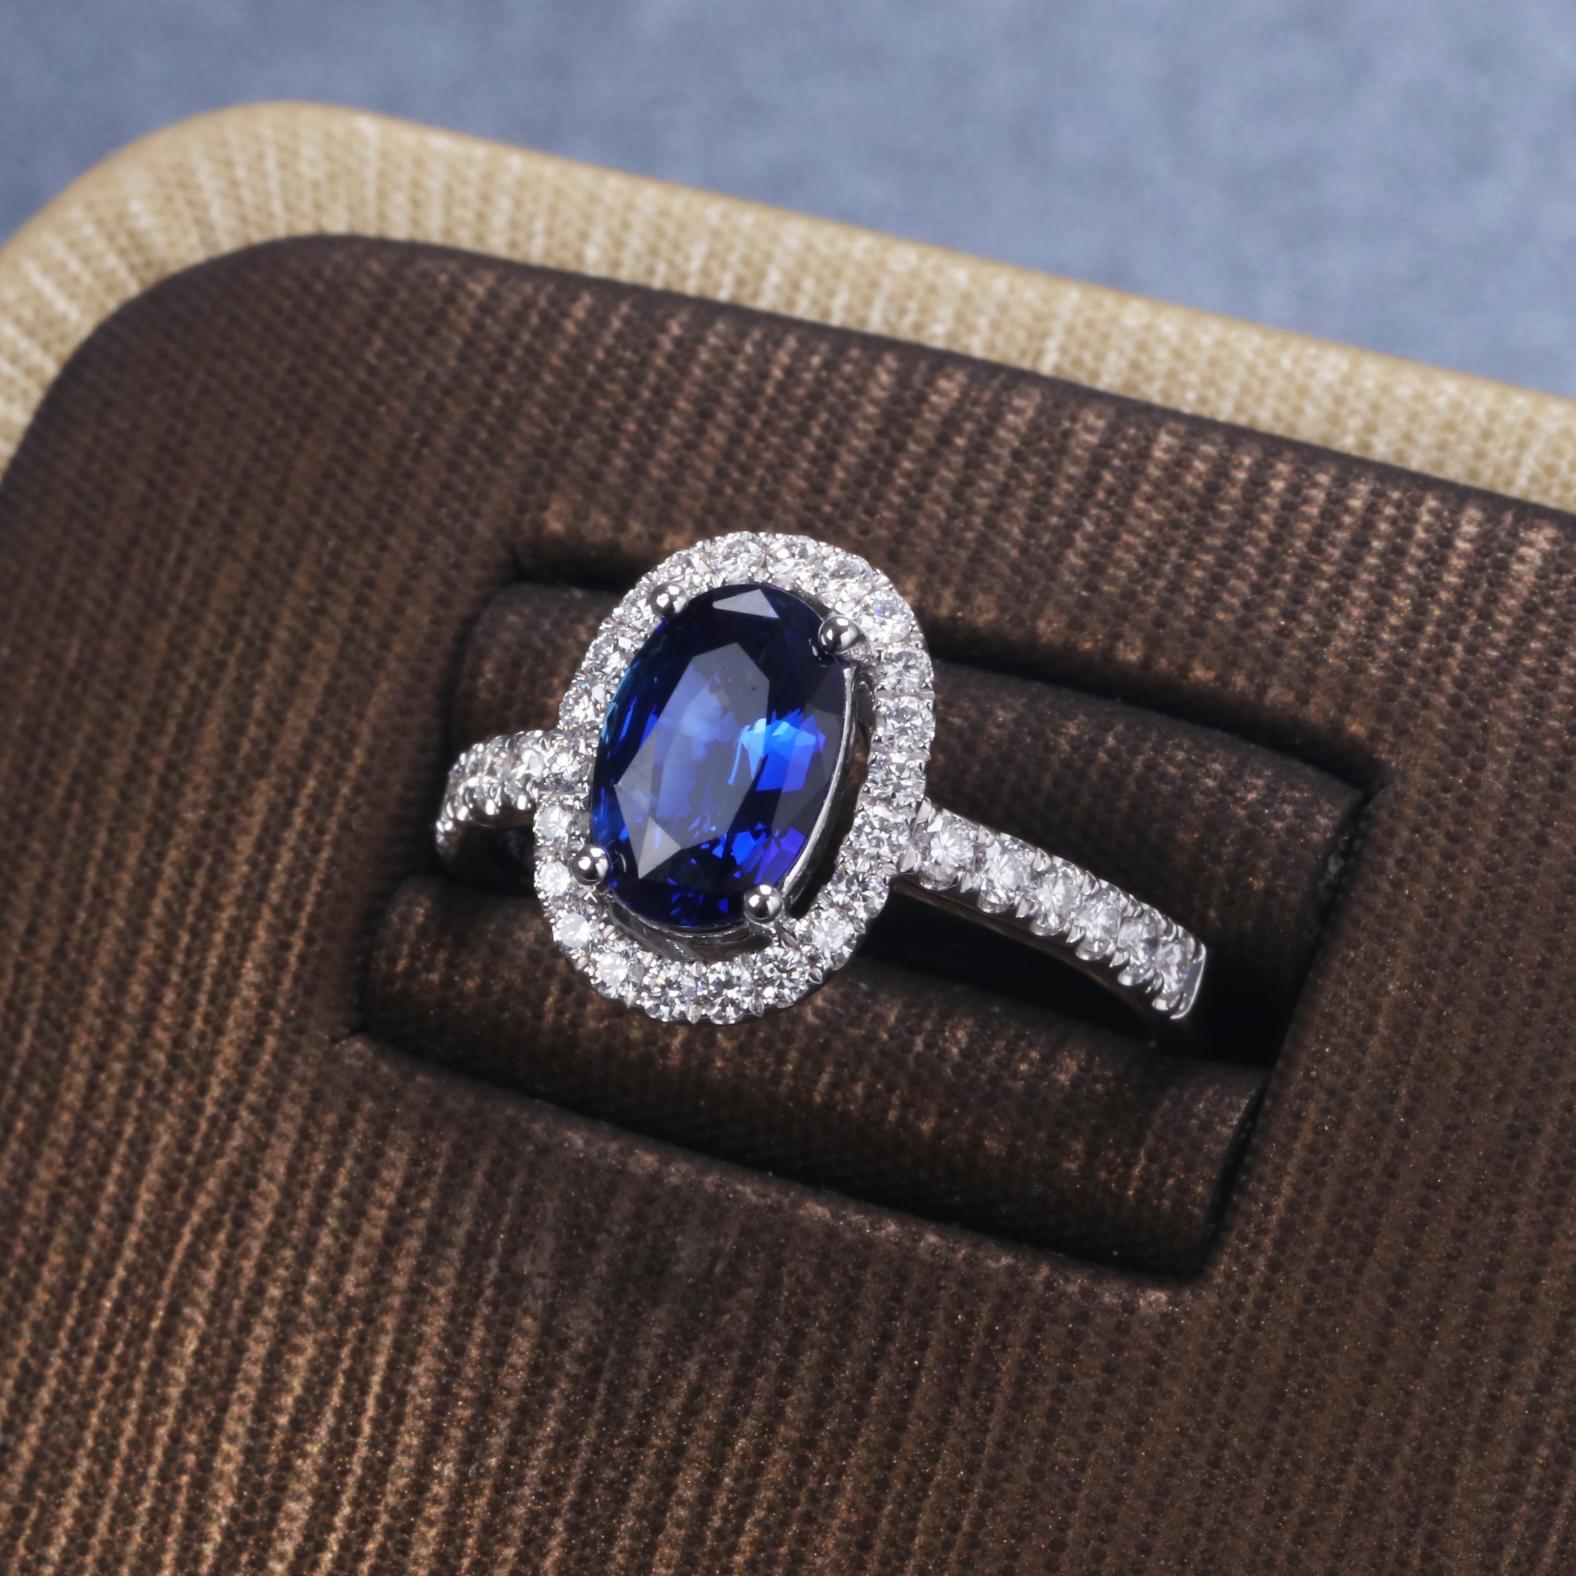 【戒指】18k金+蓝宝石+钻石  宝石颜色纯正 货重:4.15g  主石:1.54ct  手寸:13